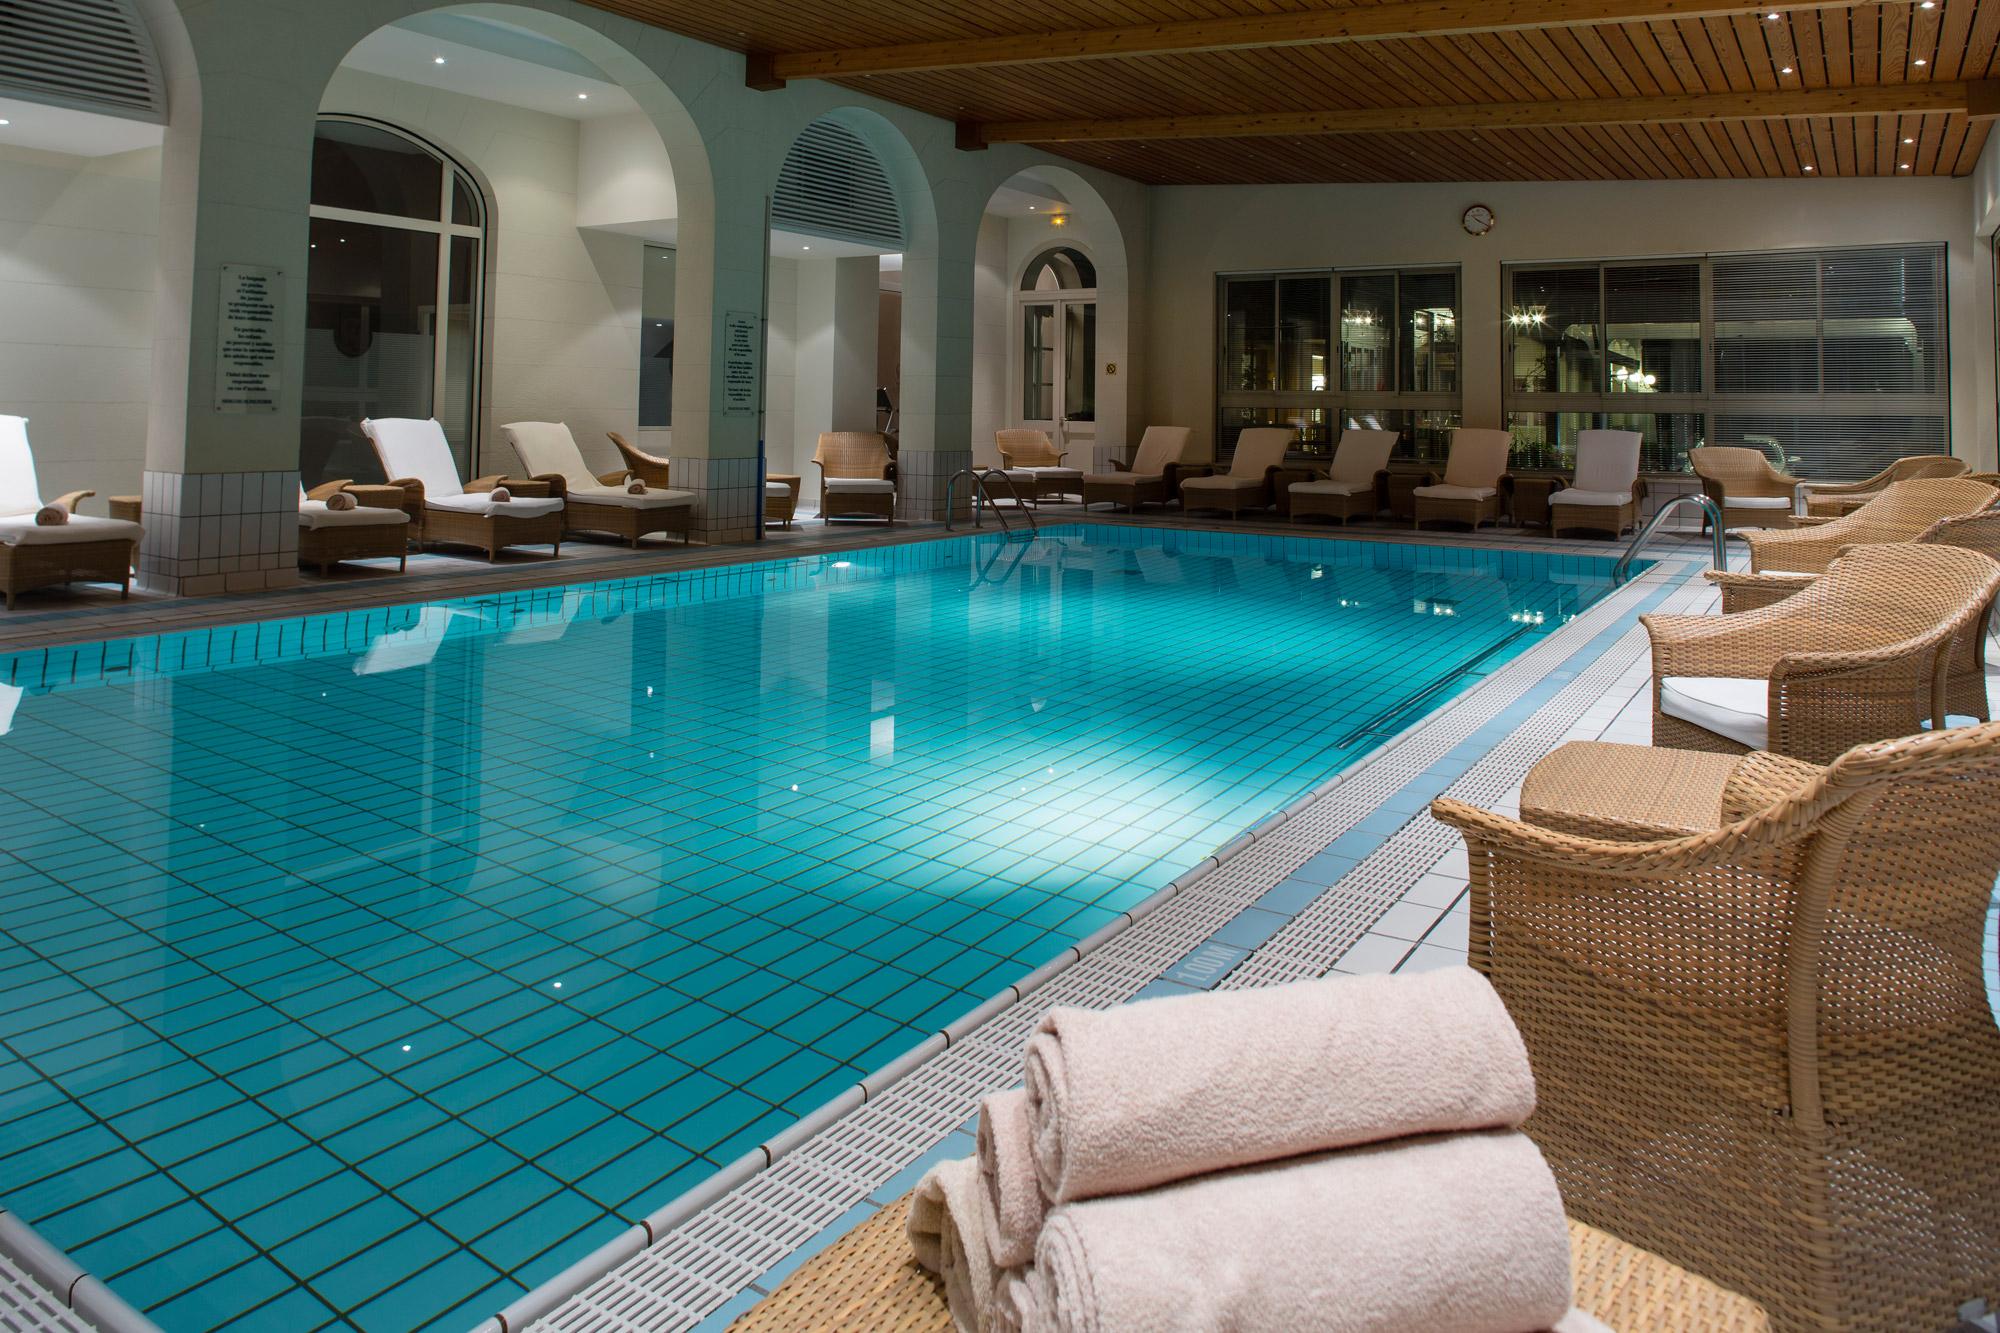 Vaste piscine intérieure entourée de tranats et de fauteuils pour se relaxer.